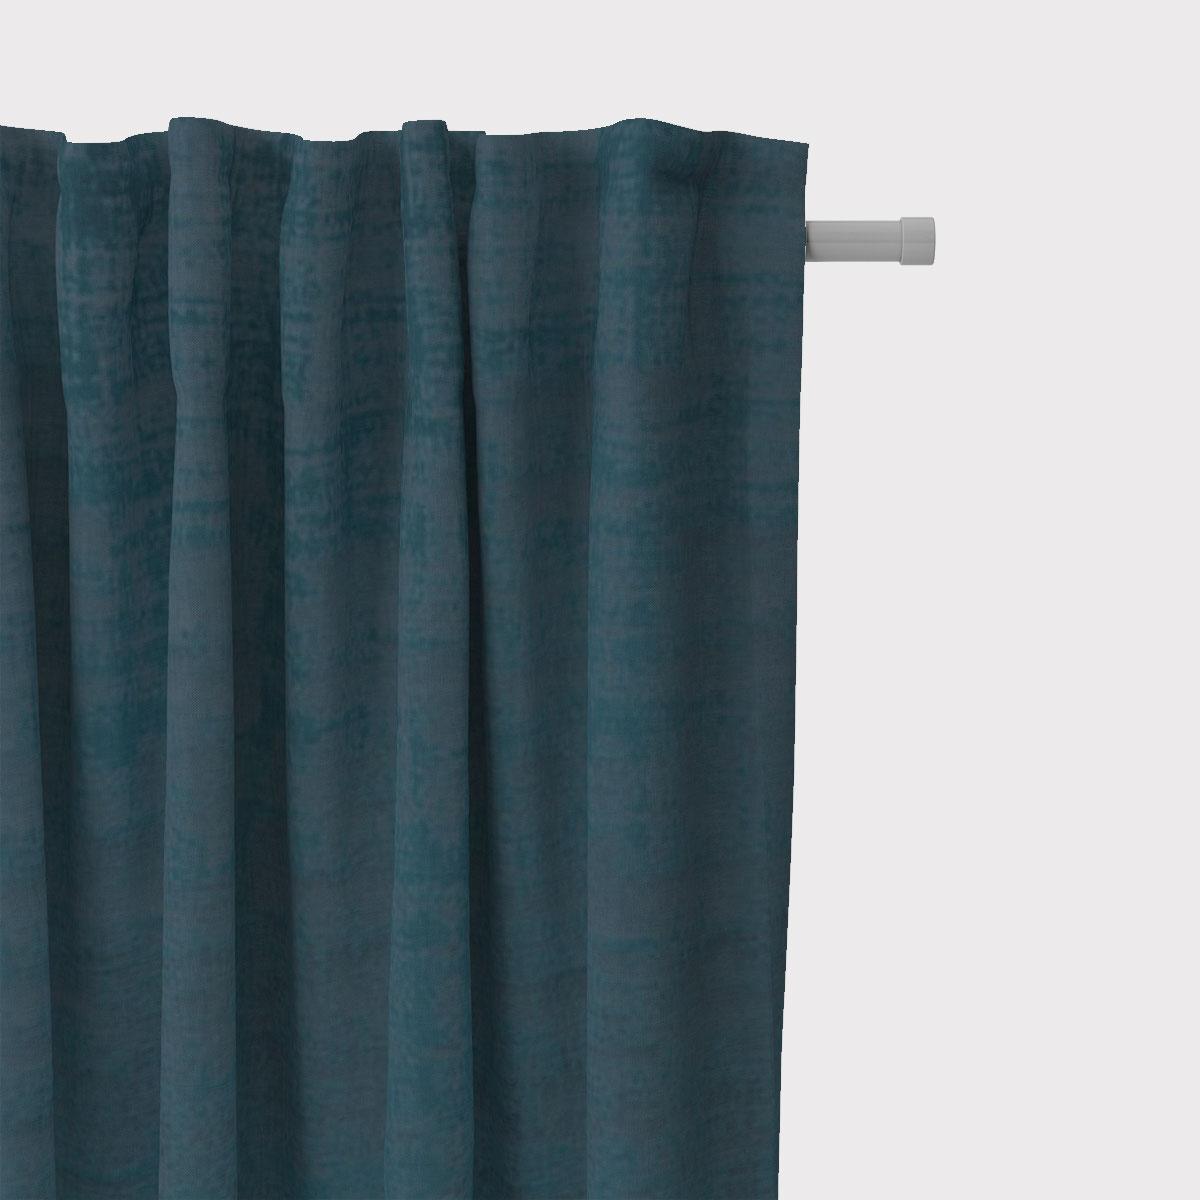 SCHÖNER LEBEN. Vorhang Velvet Marble Samt mit Struktur uni blau 245cm oder Wunschlänge